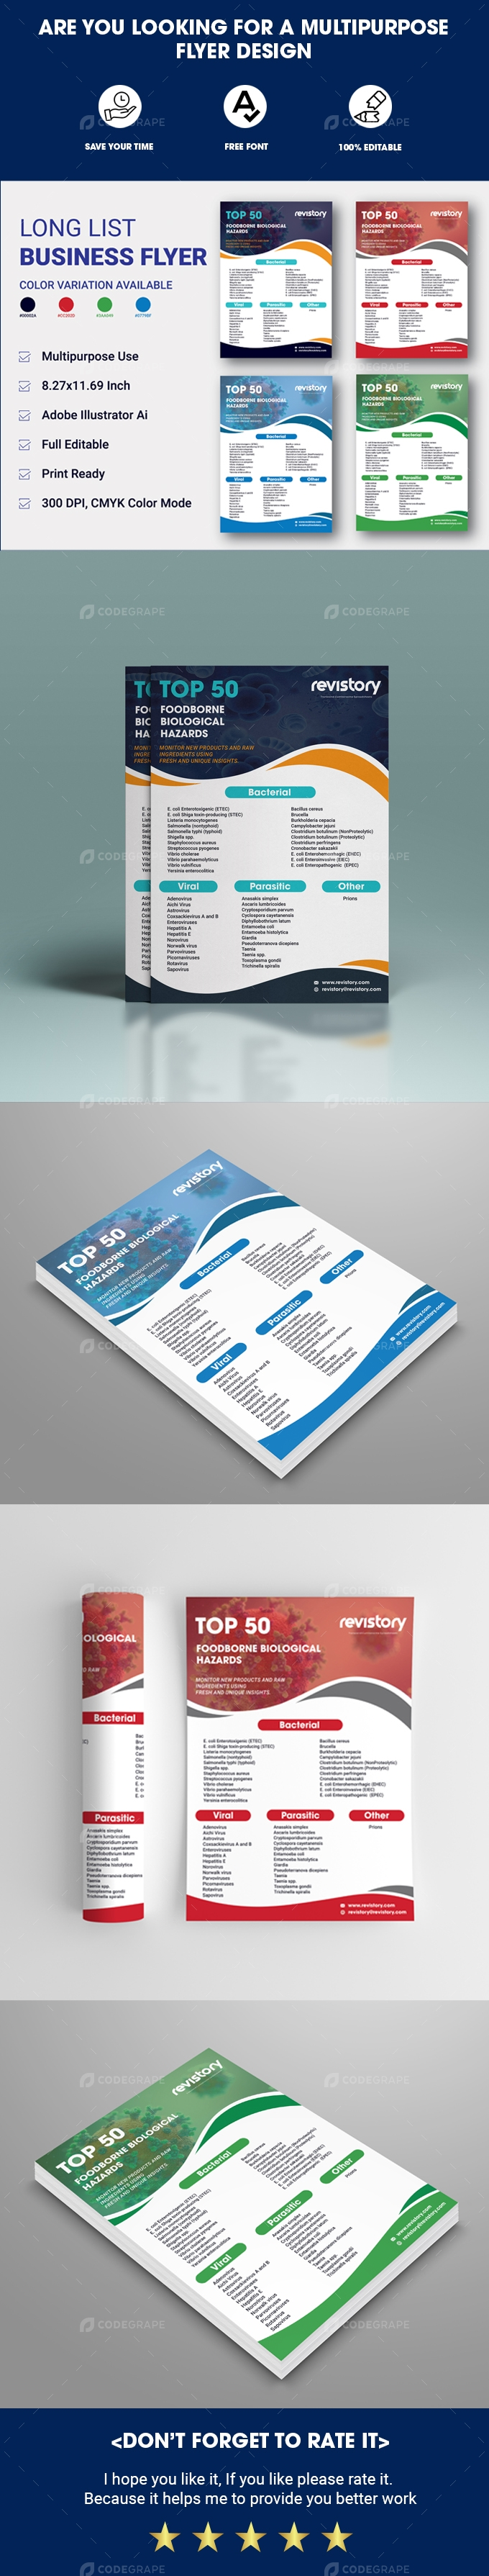 Long List Business Flyer